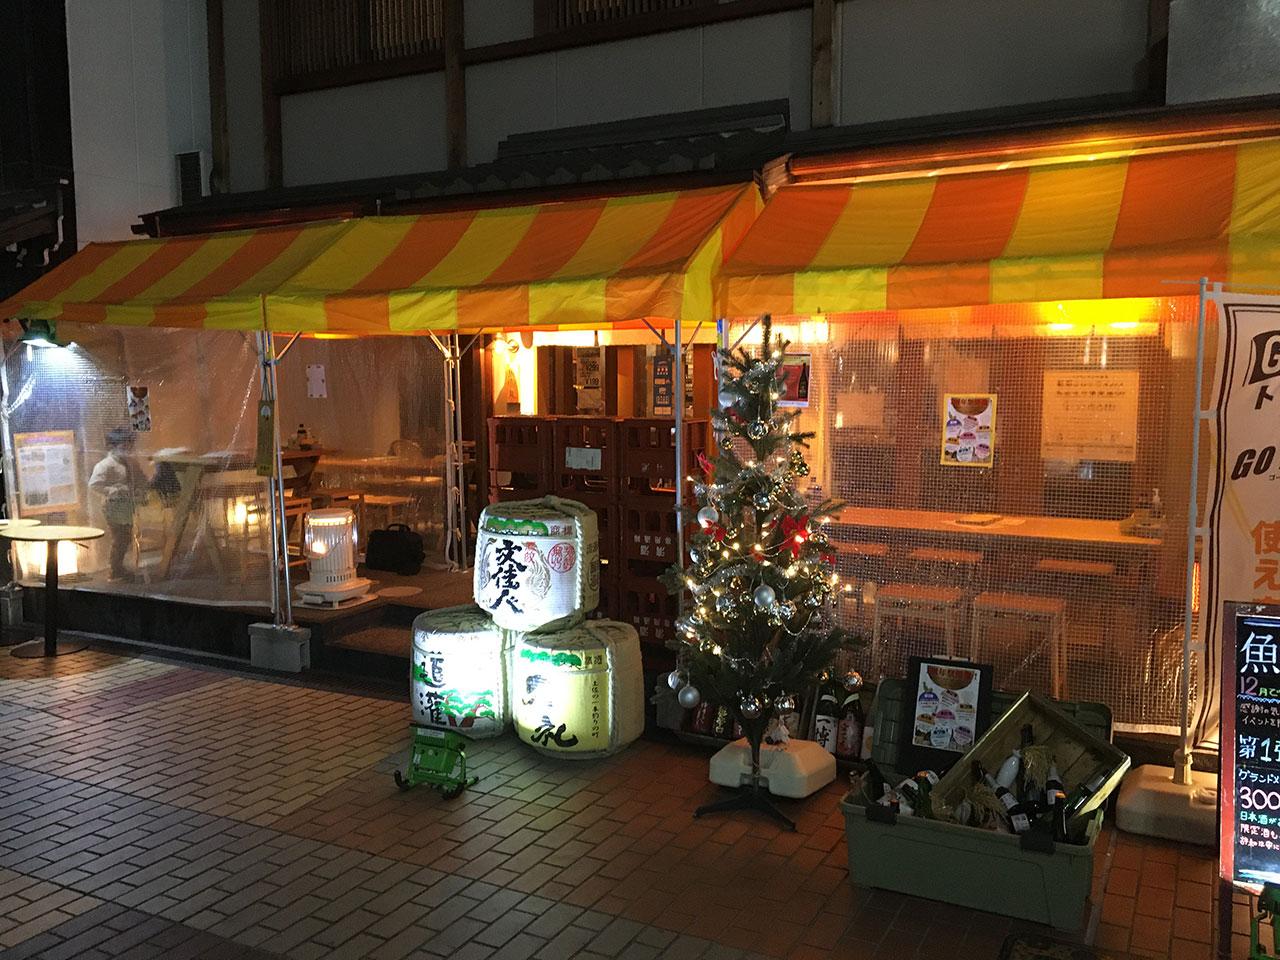 23/ほたる通りオープンテラス/12月5日